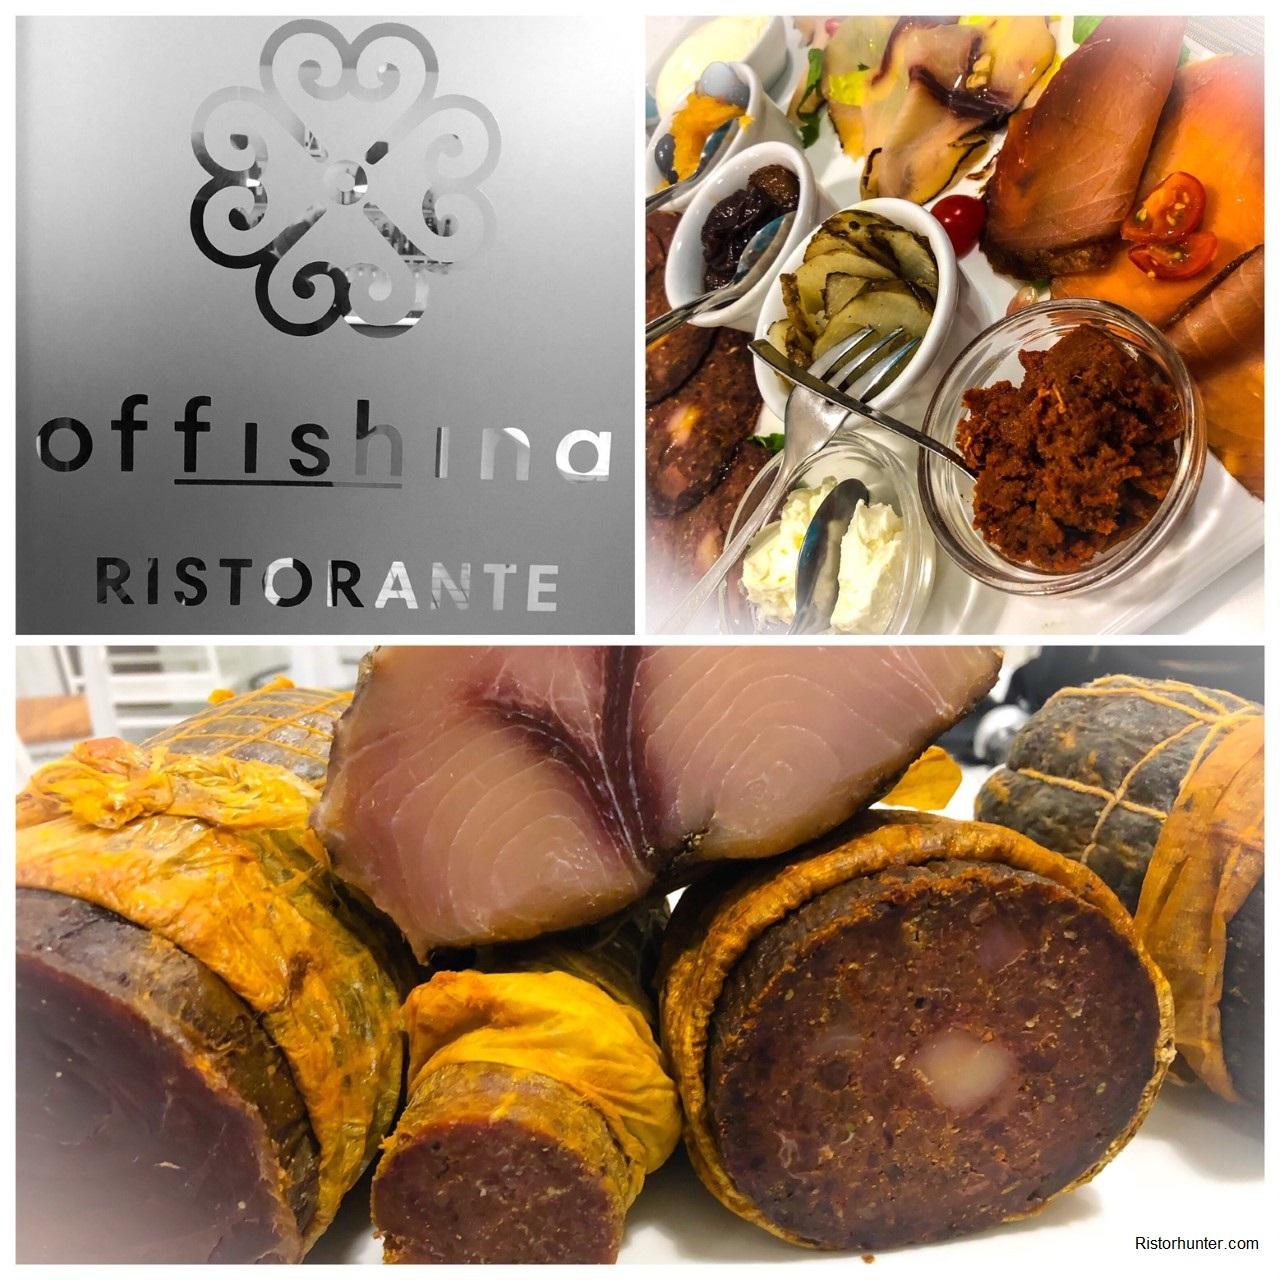 Offishina ristorante recensione